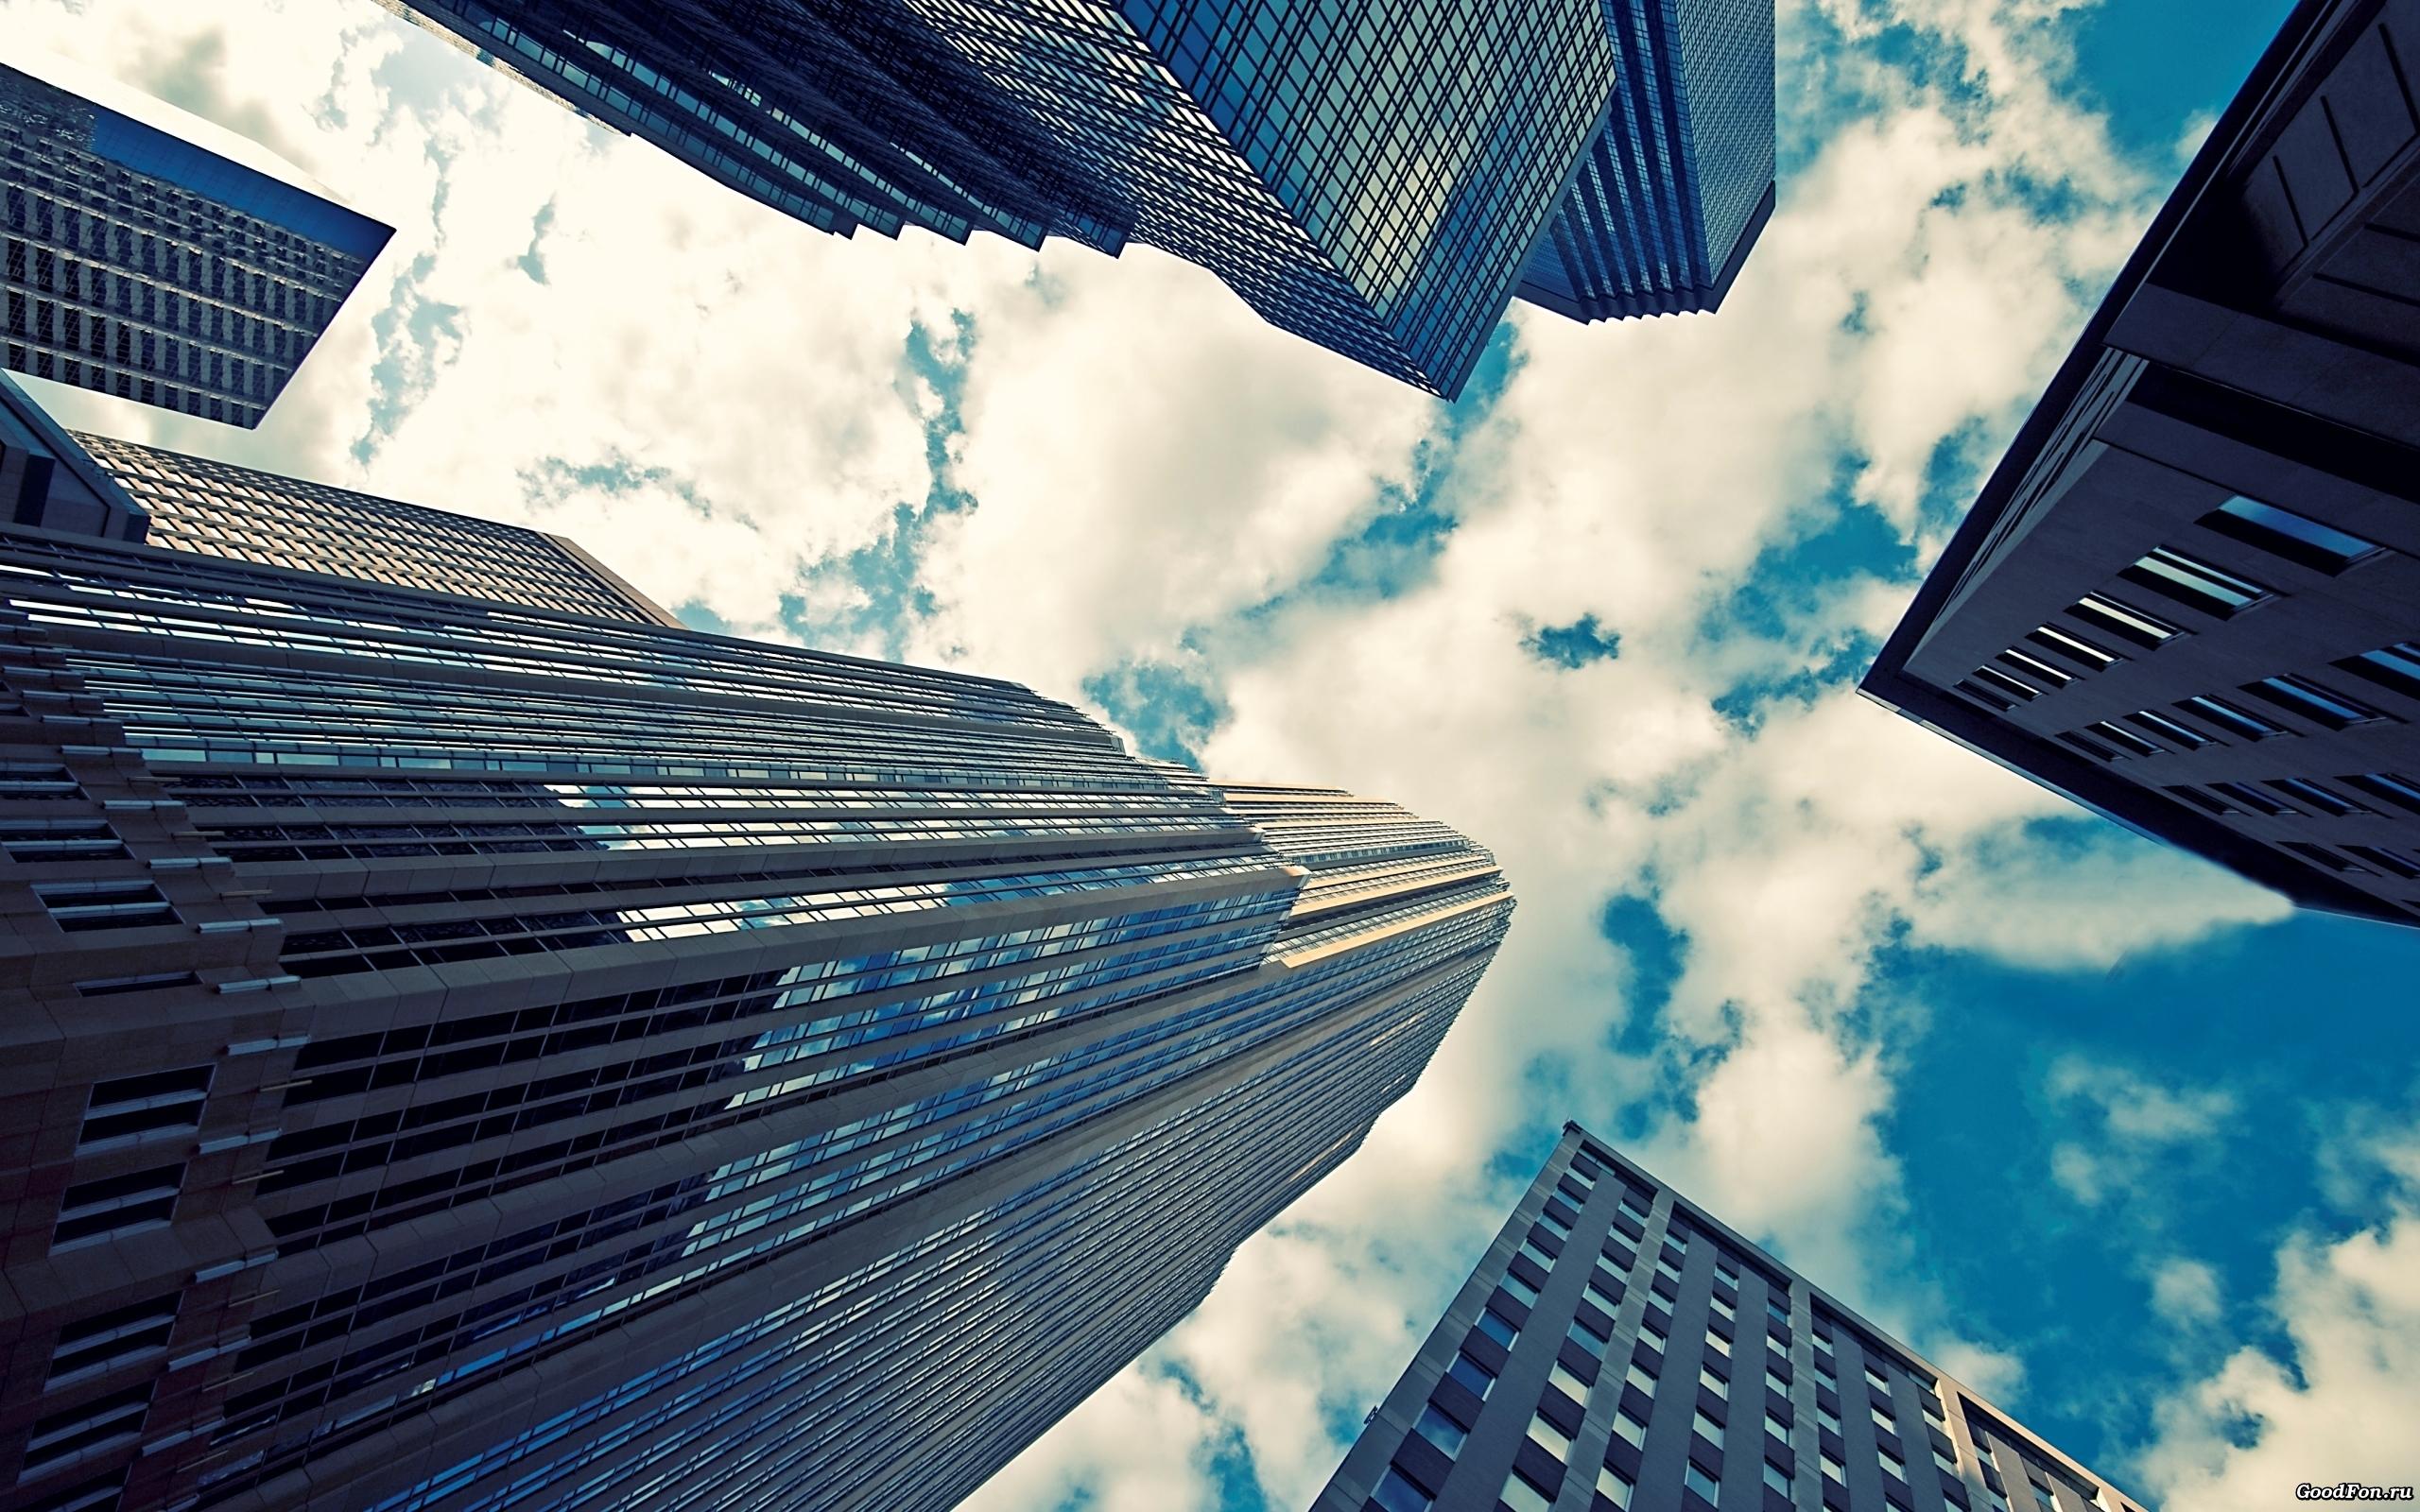 небо, облака, высотные здания, скачать обои для рабочего стола